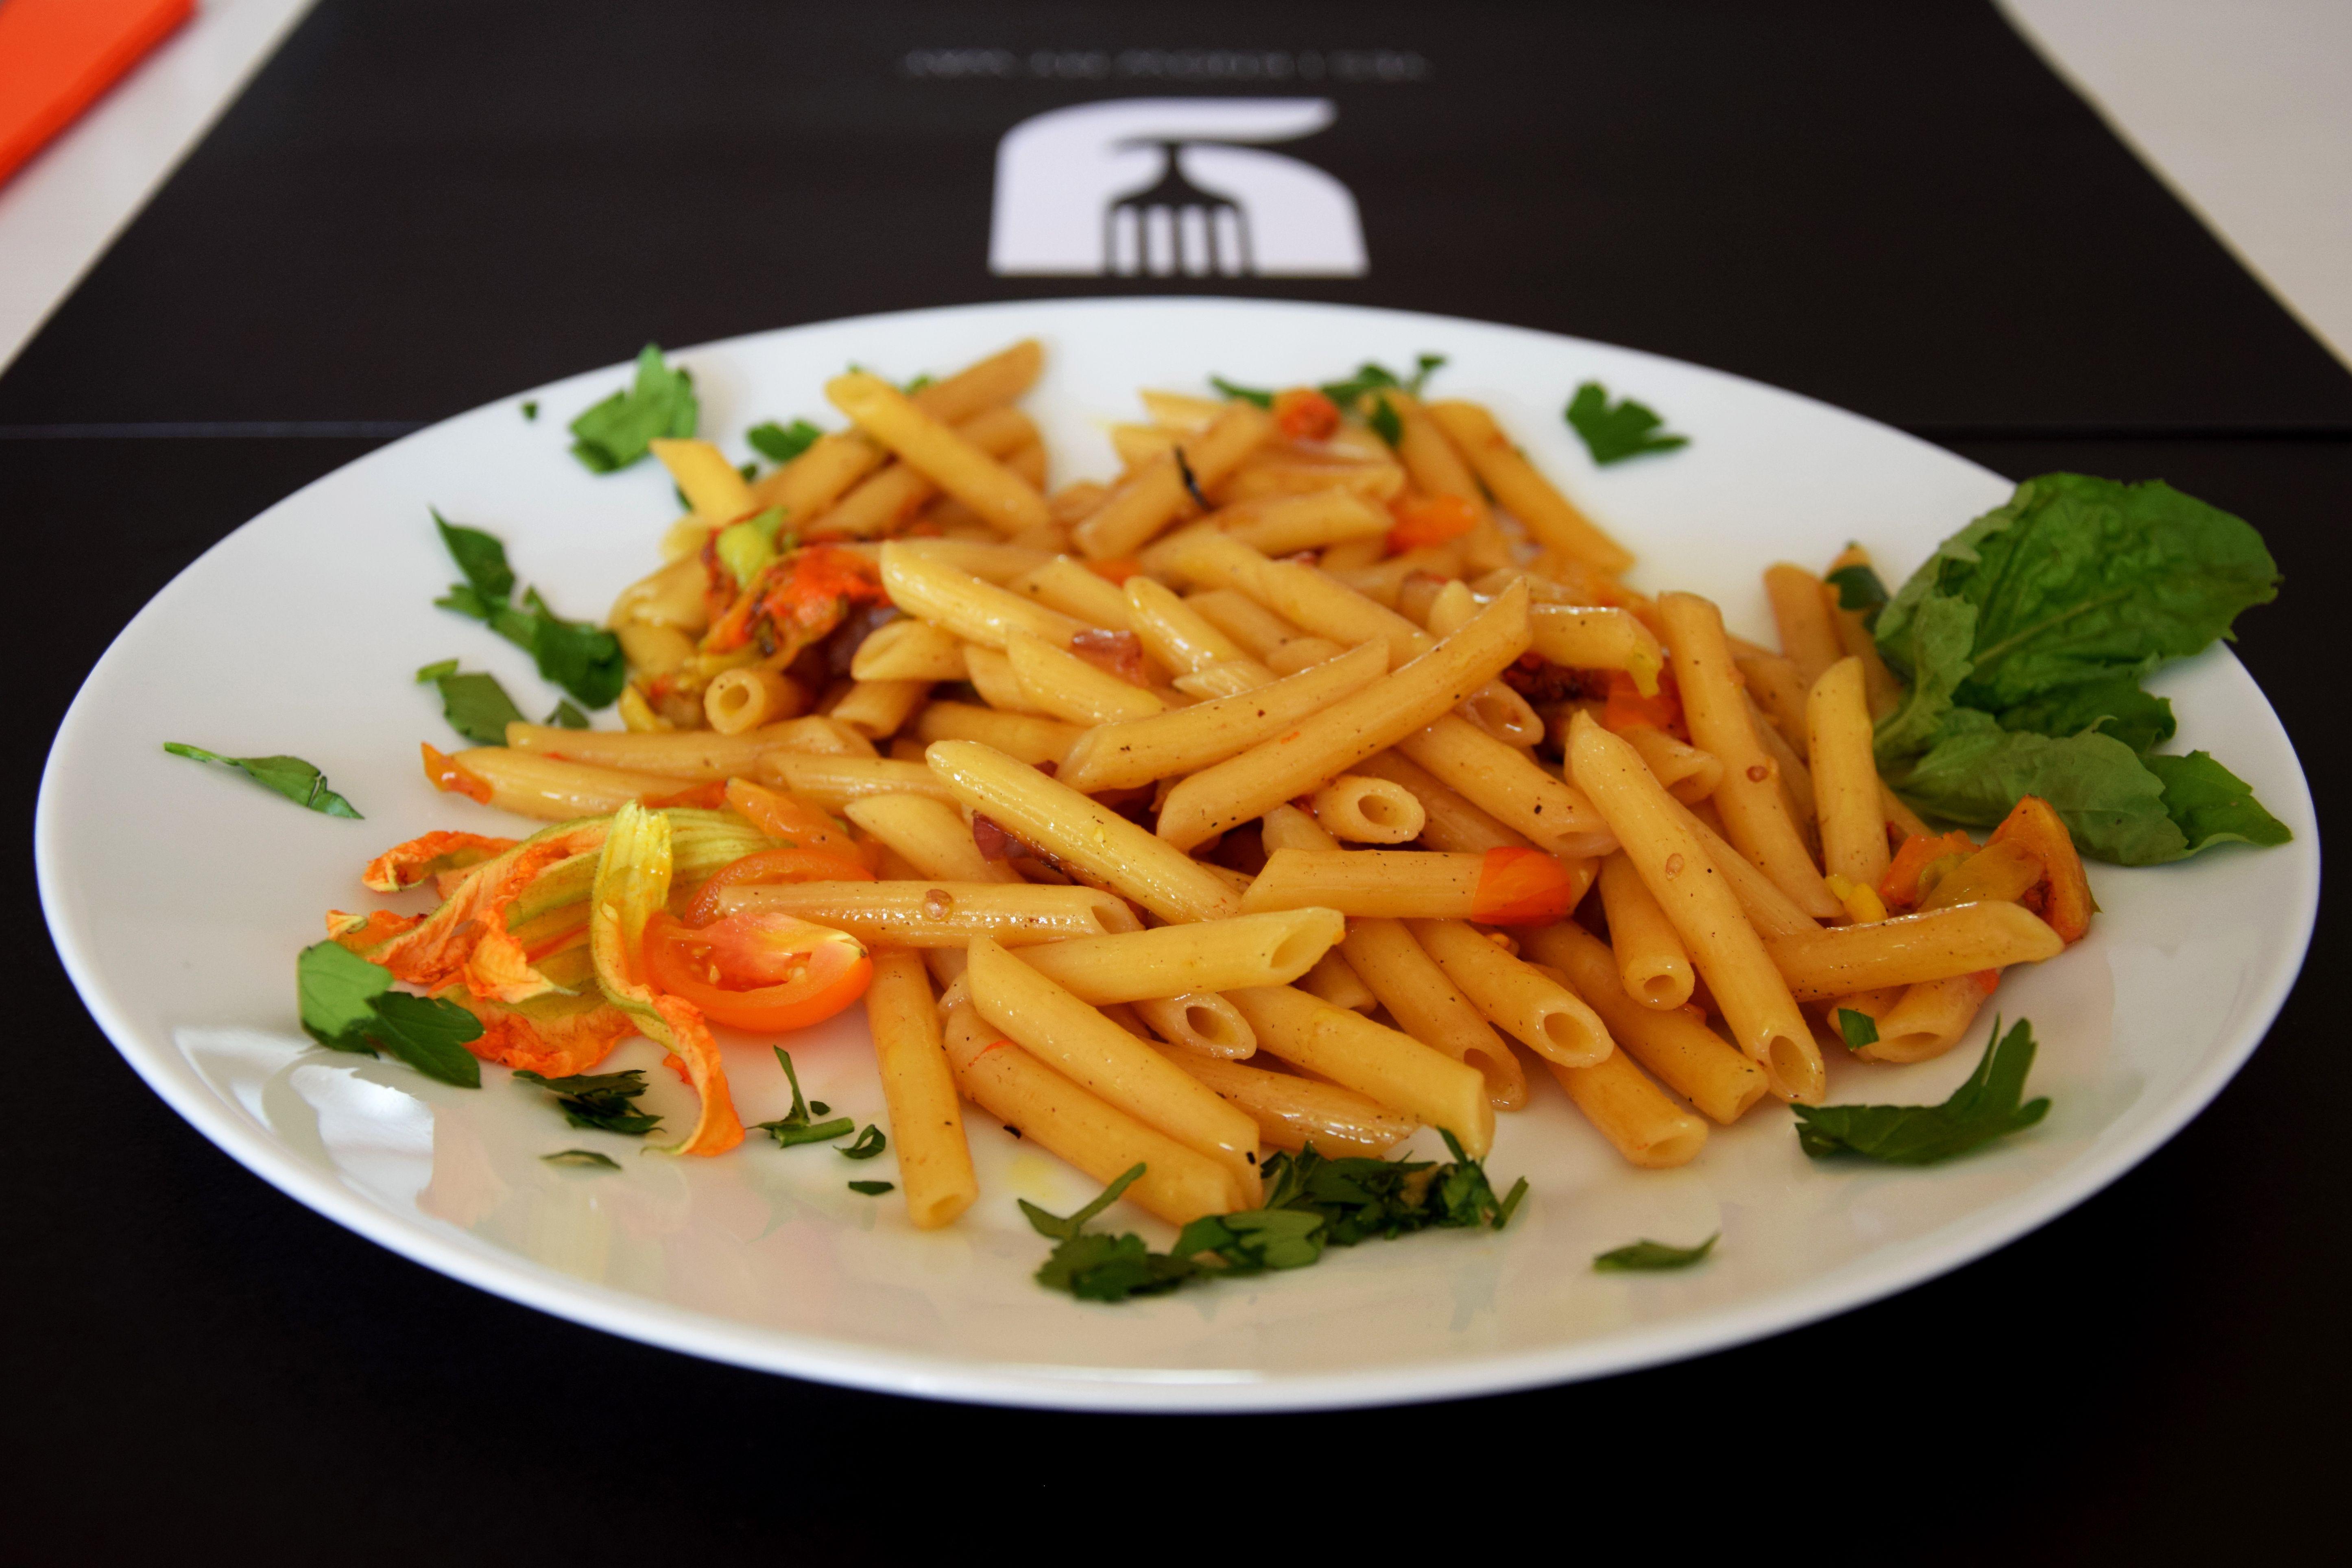 Ristorante Battipaglia Aperto A pranzo - Vieni a provare il nostro menu con piatto del giorno - Bibita e caffe inclusi nel prezzo